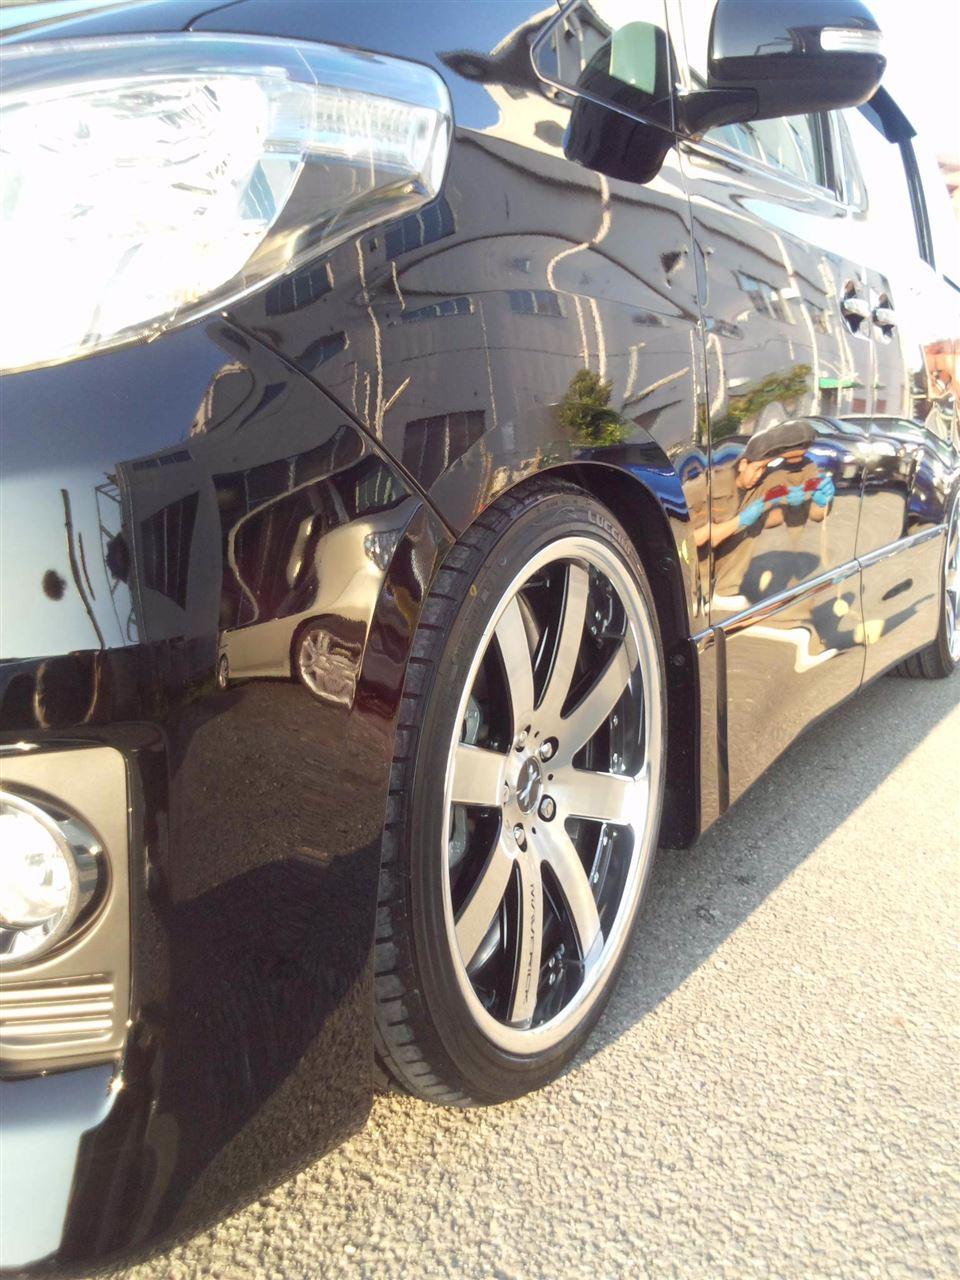 東京都立川市の車の板金塗装修理工場 ガレージローライドのトヨタ アルファードの新車のボディー磨き&プロテクトコーティング です。